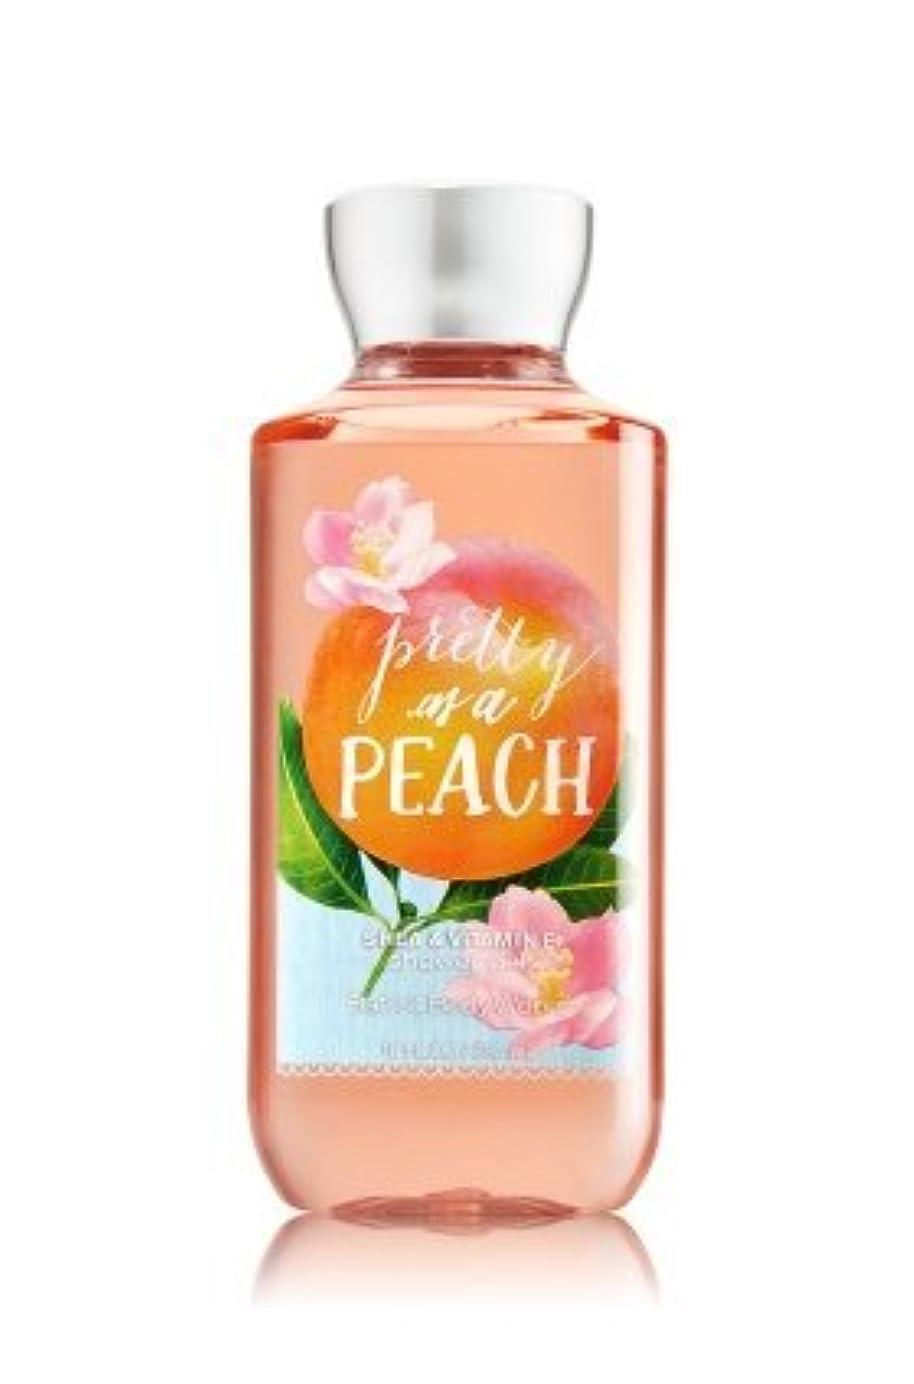 エンターテインメント作業典型的な【Bath&Body Works/バス&ボディワークス】 シャワージェル プリティーアズアピーチ Shower Gel Pretty as a Peach 10 fl oz / 295 mL [並行輸入品]